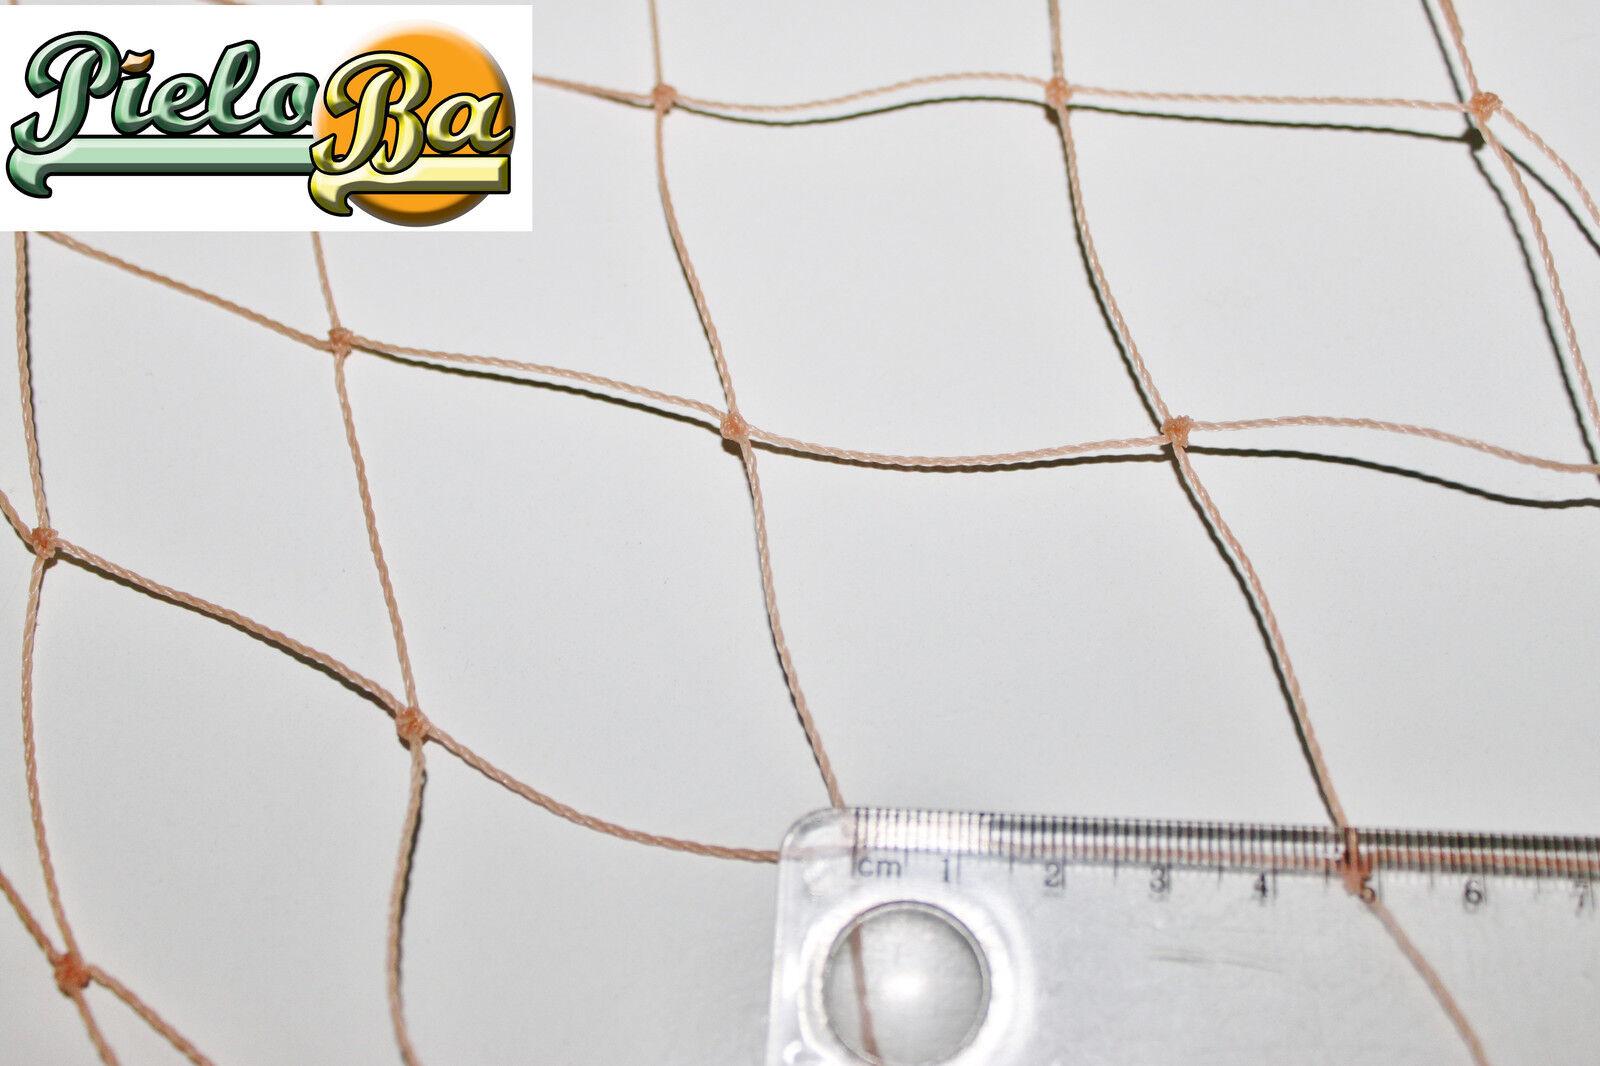 Netz Geflügelnetz  1,60 m x 30 m  lachsfarben  Masche 5 cm  Geflügelzaun